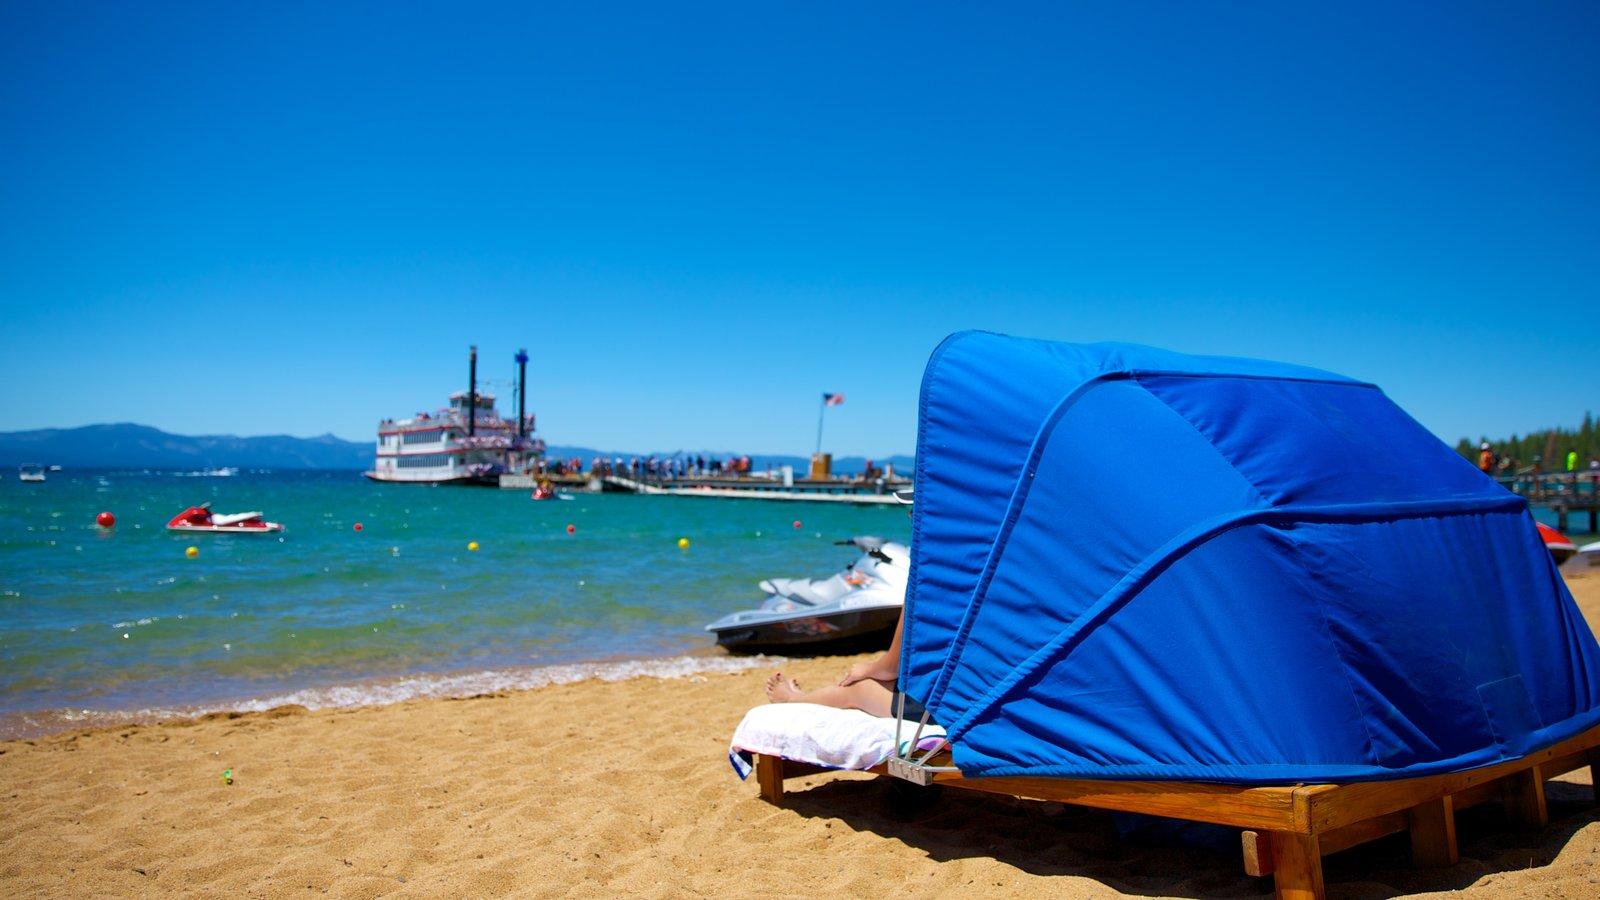 Zephyr Cove Beach caracterizando uma praia de areia, canoagem e moto aquática